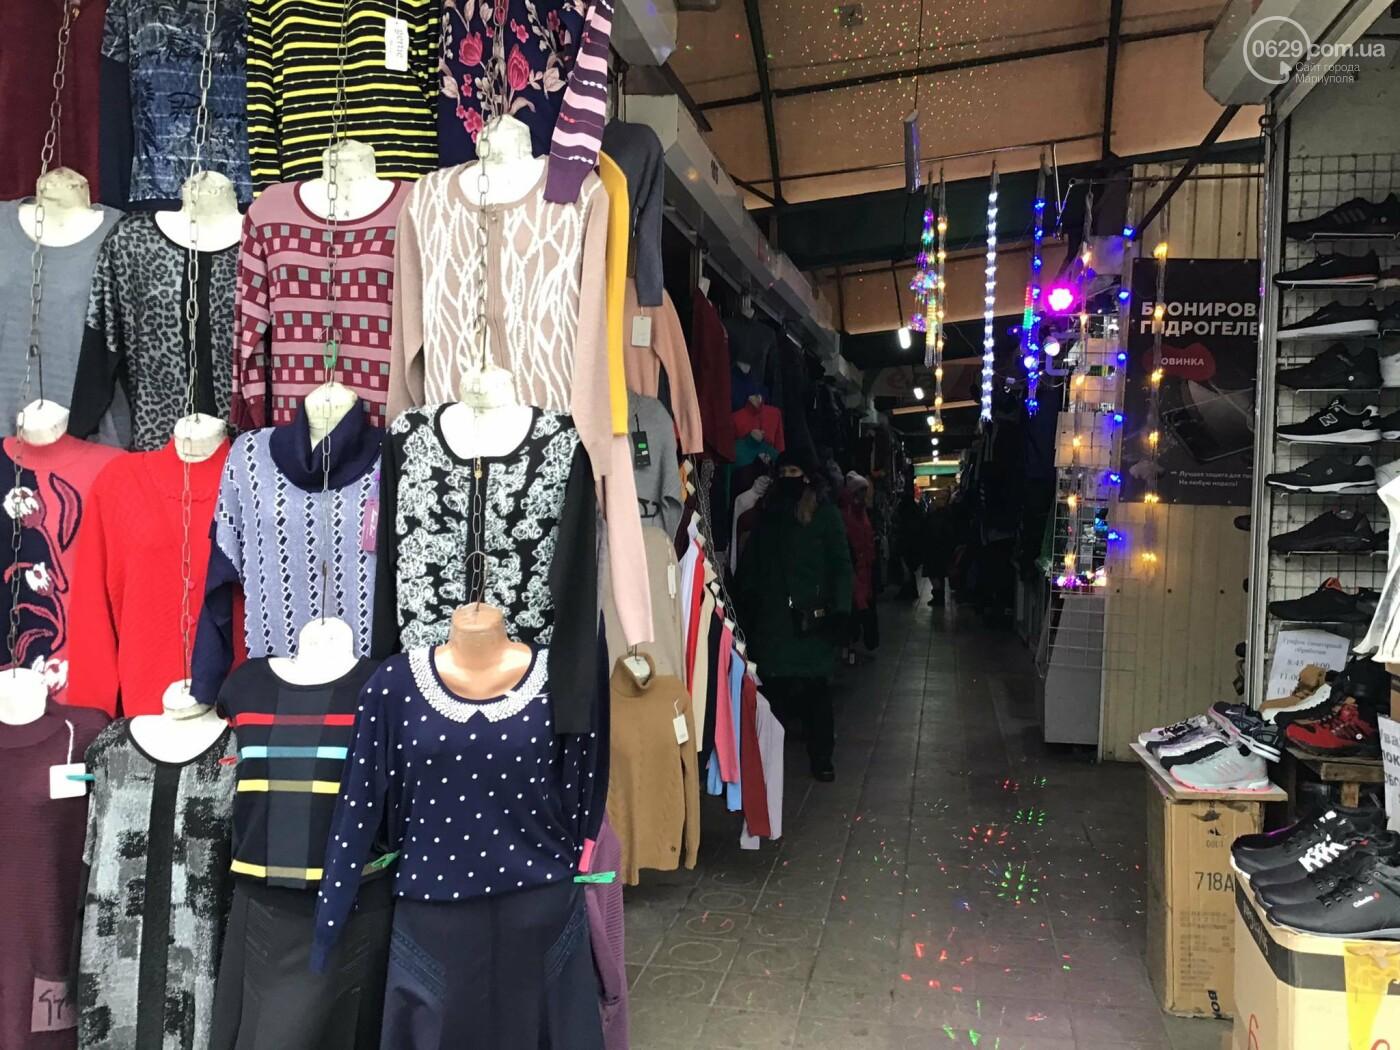 Скандал! В Мариуполе владельцы рынка вынуждают предпринимателей нарушать карантин выходного дня, - ВИДЕО, ДОПОЛНЕНО, фото-4